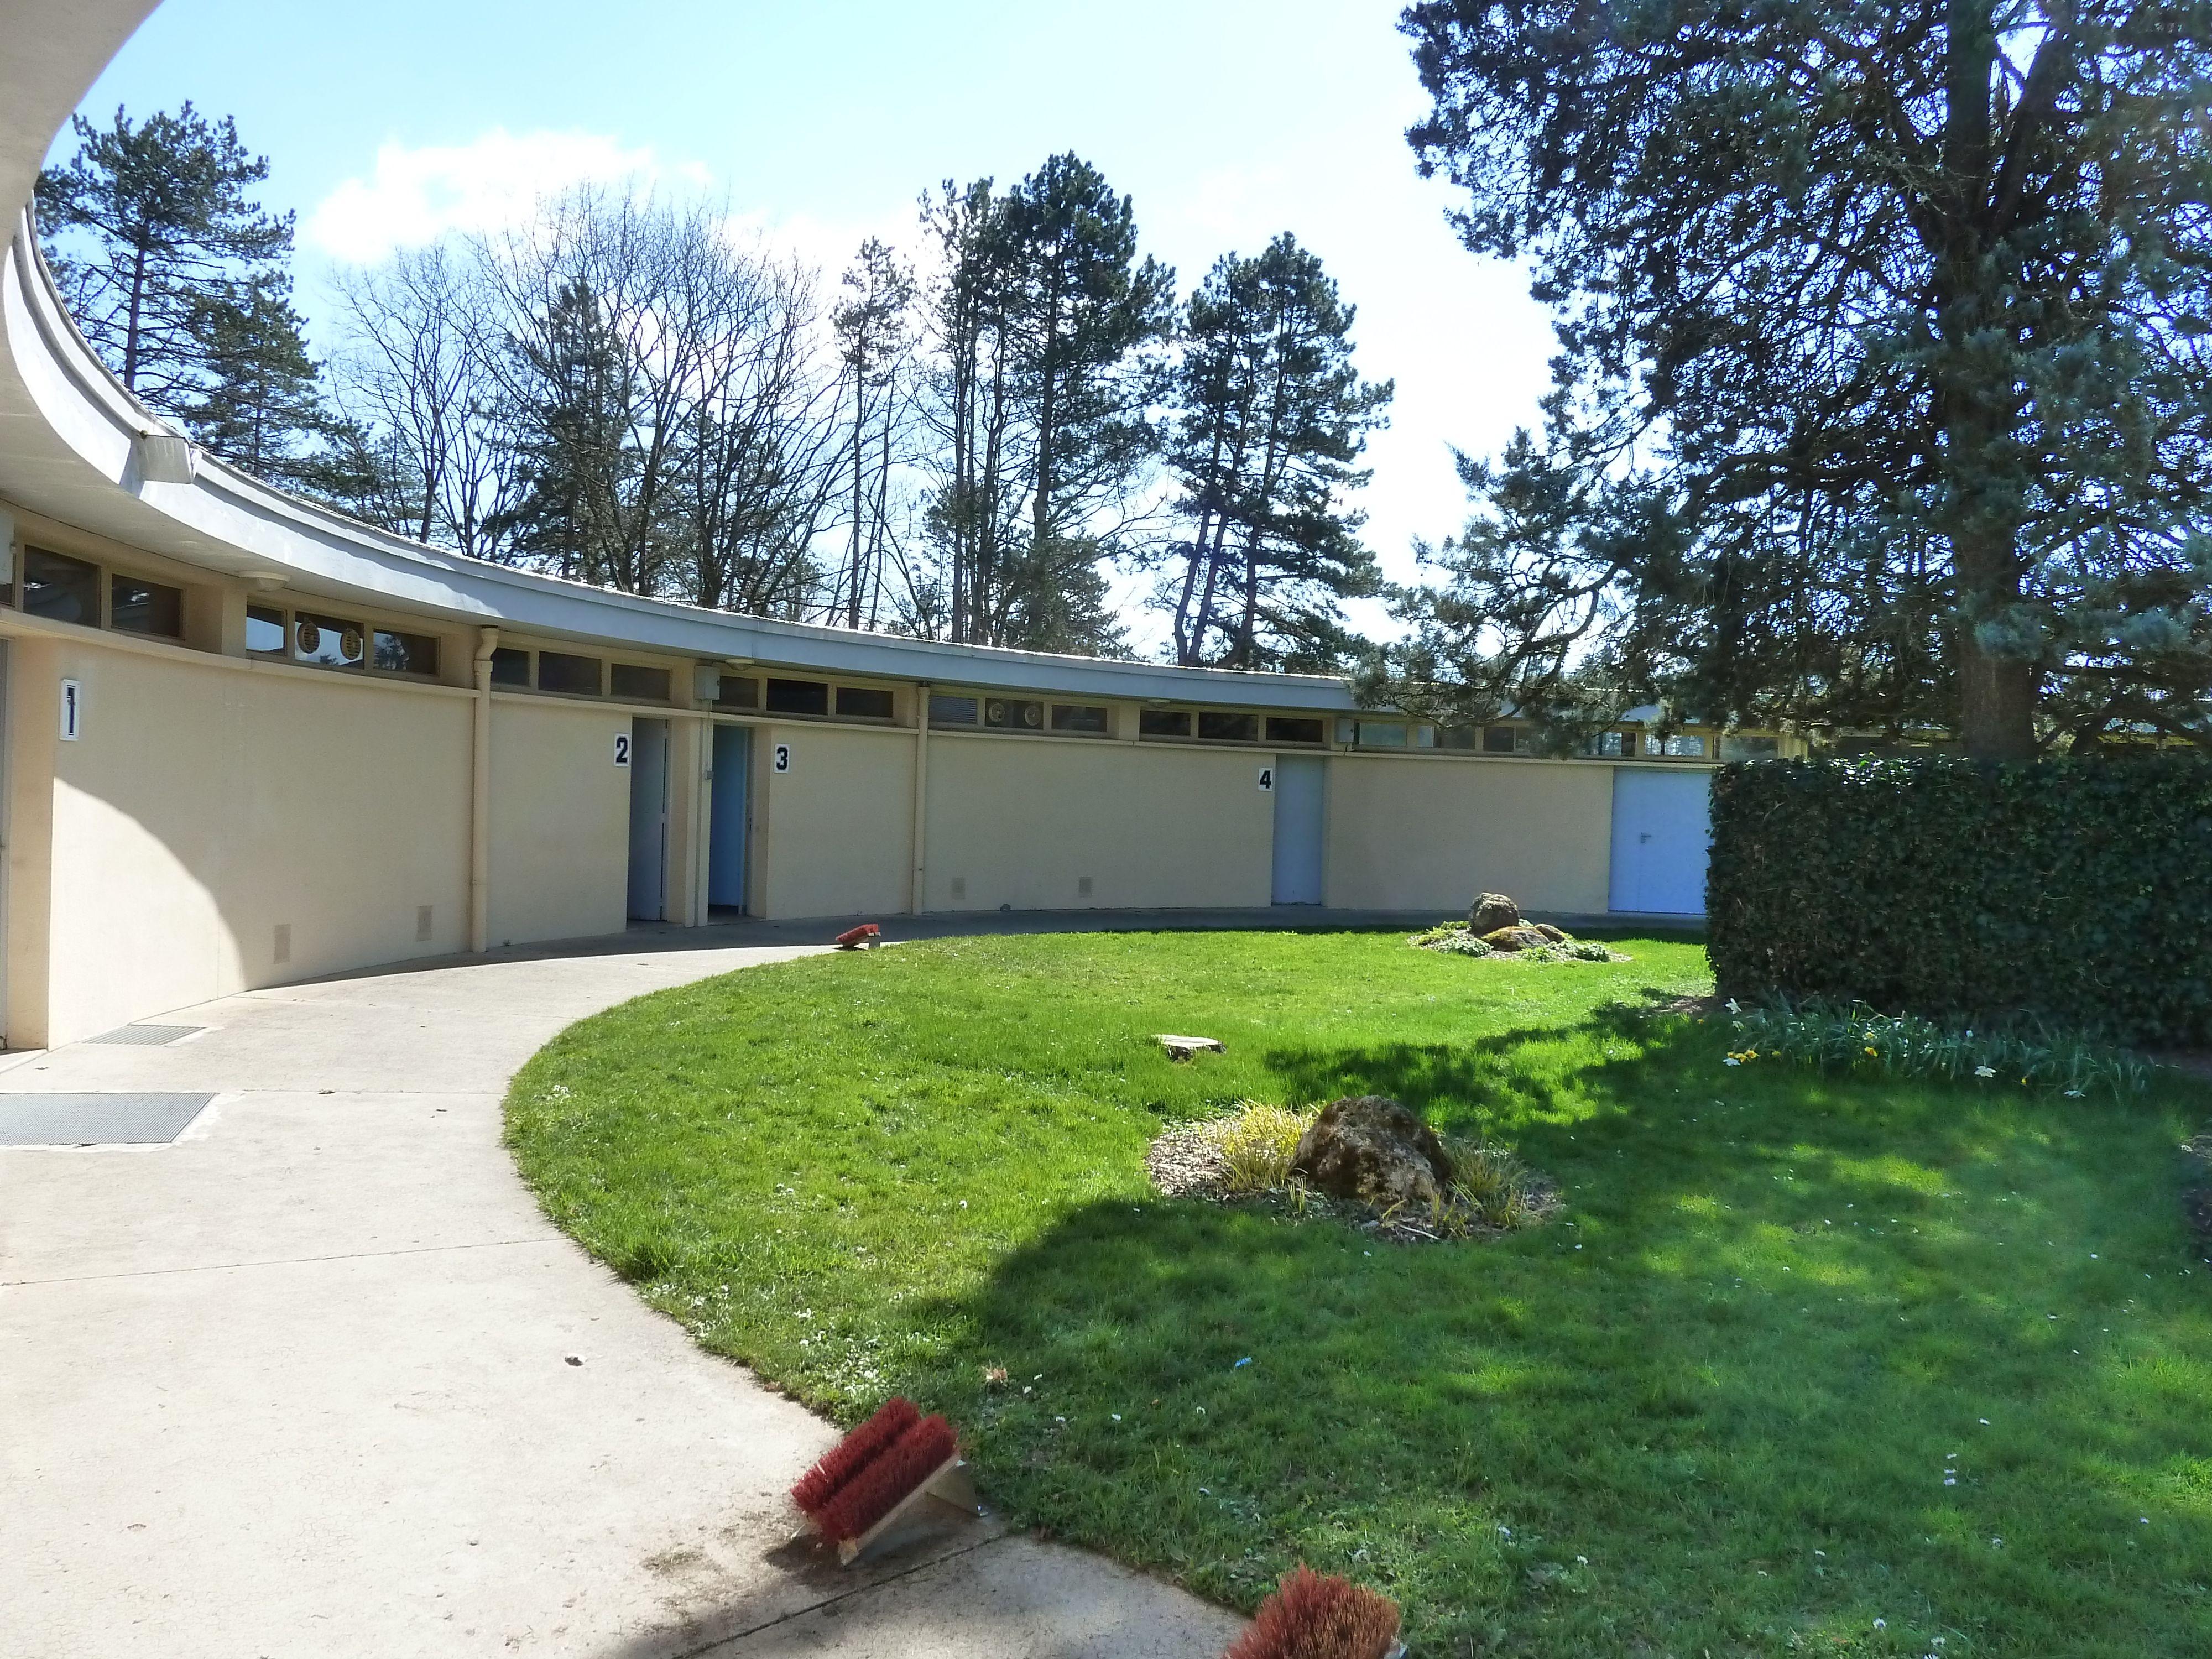 Vichy - parc omnisports - Rotonde de tennis - vestiaires